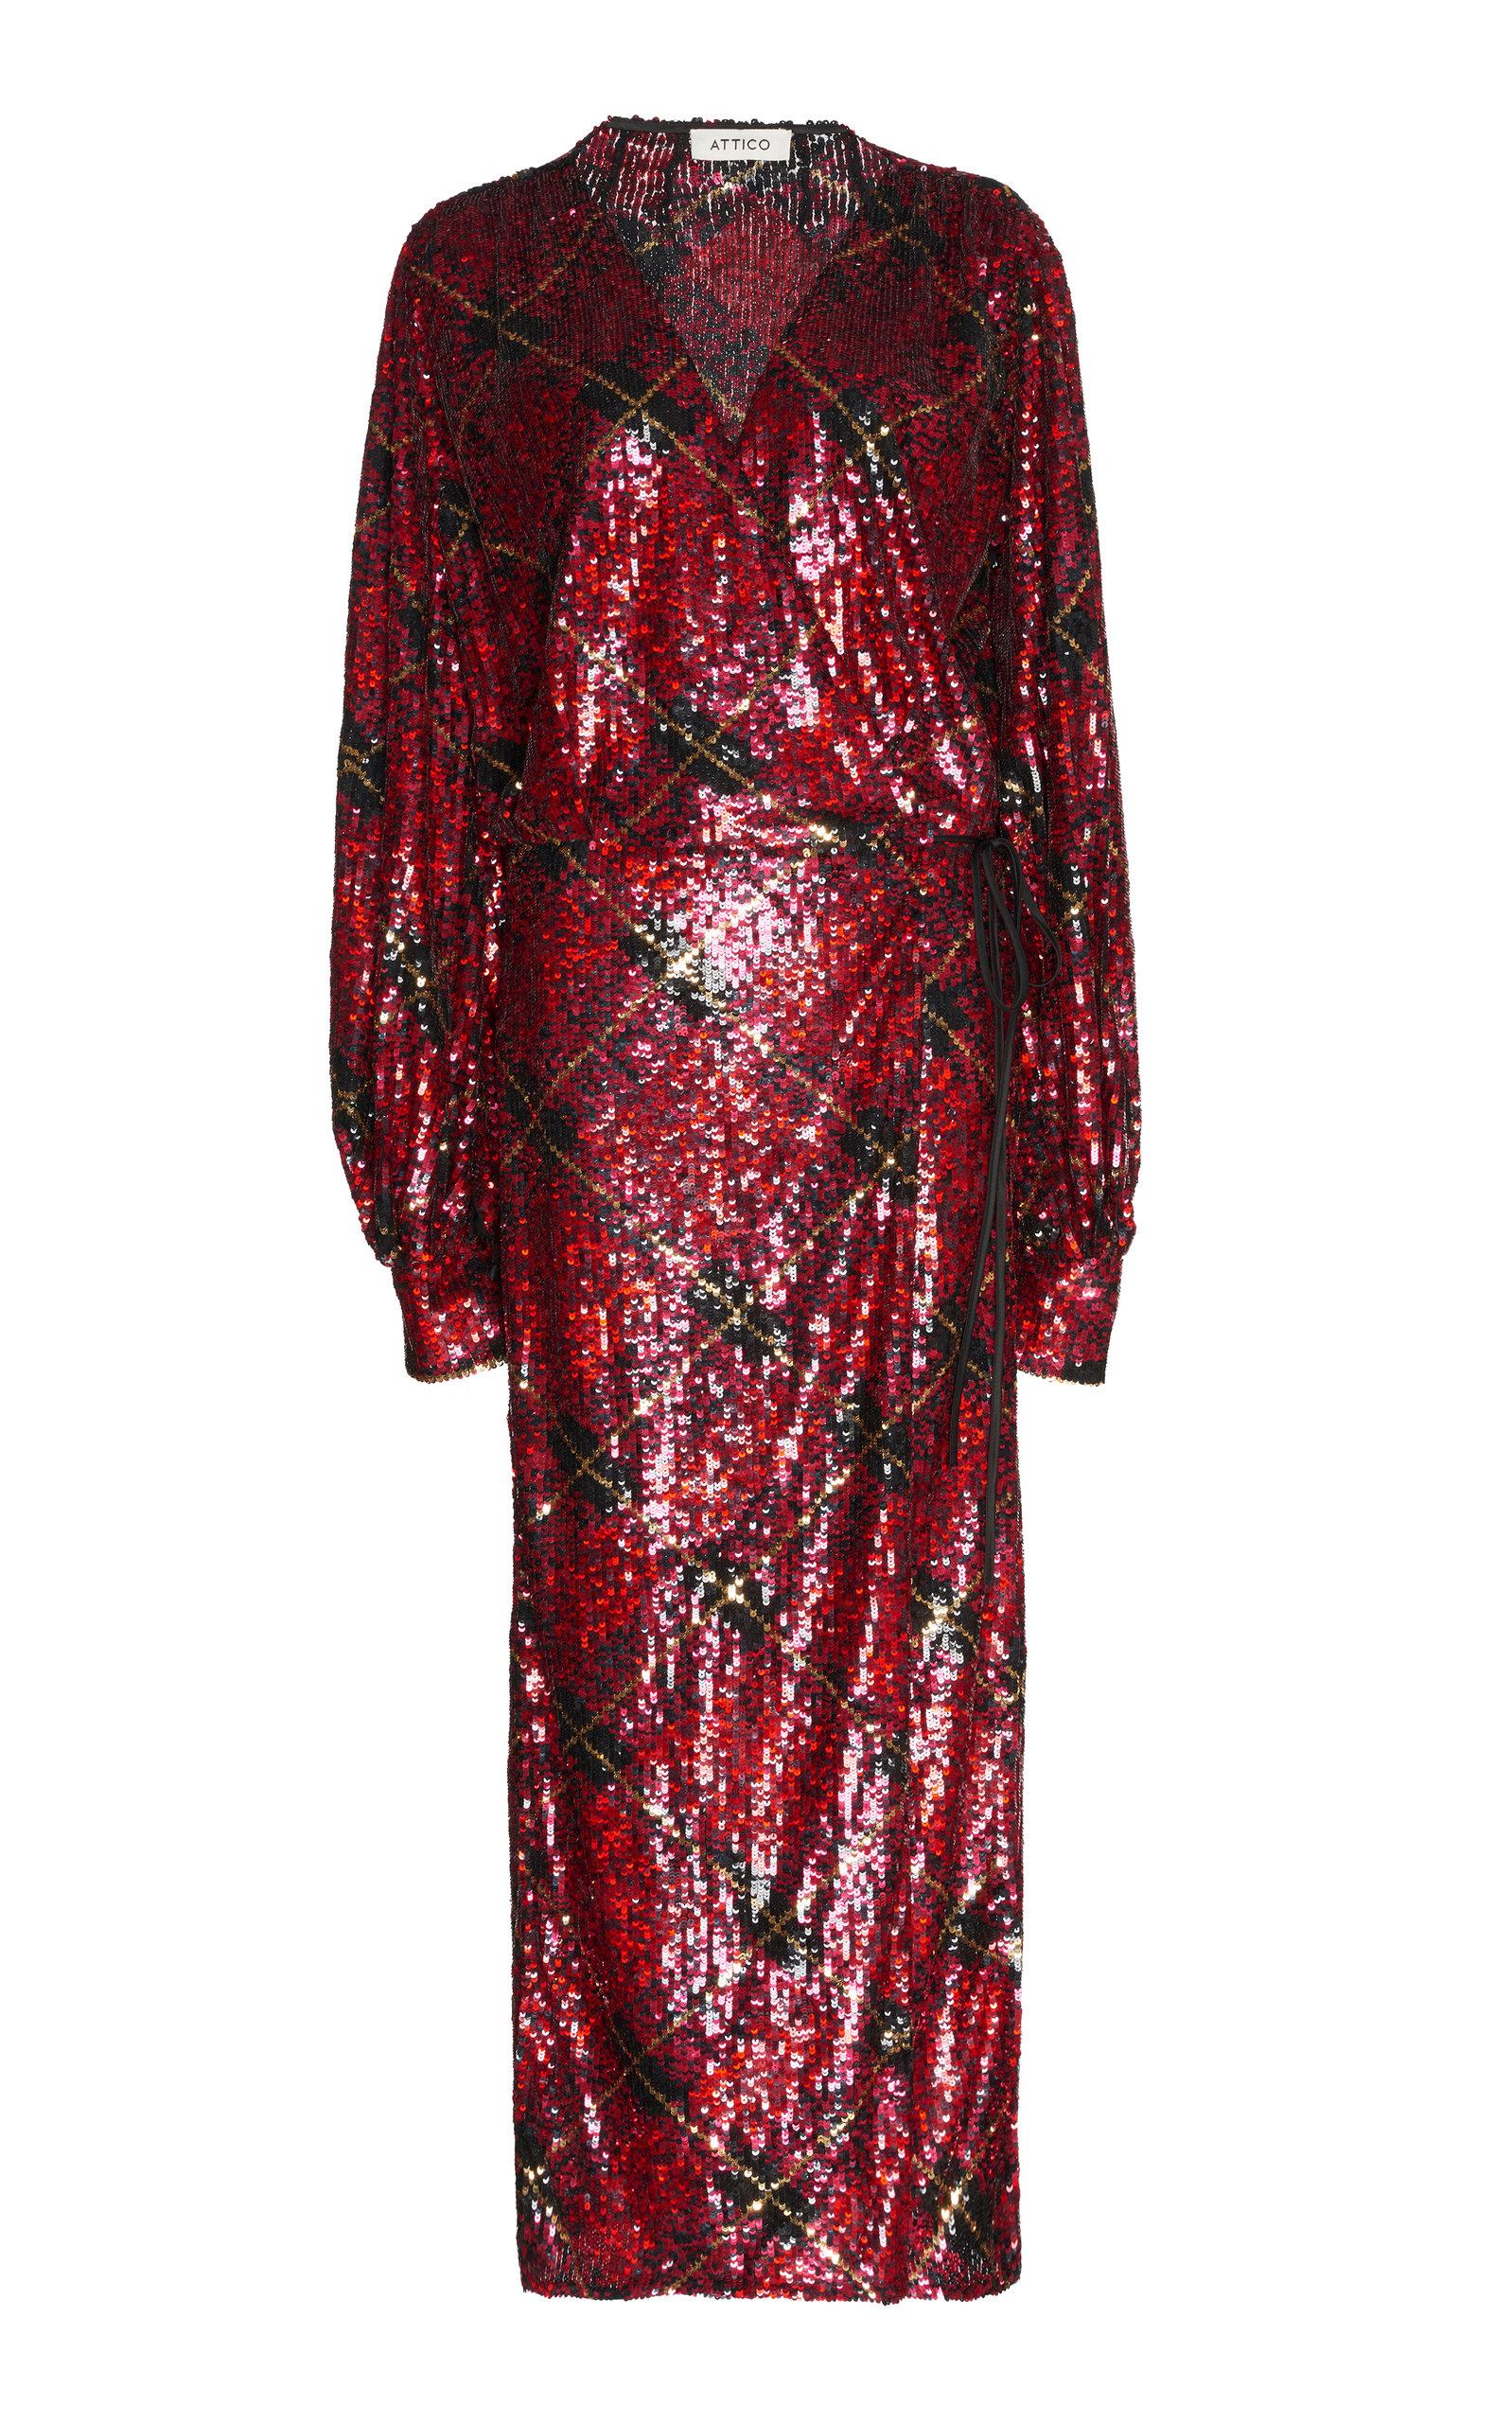 Attico Allover Sequin Robe Dress In Red Modesens